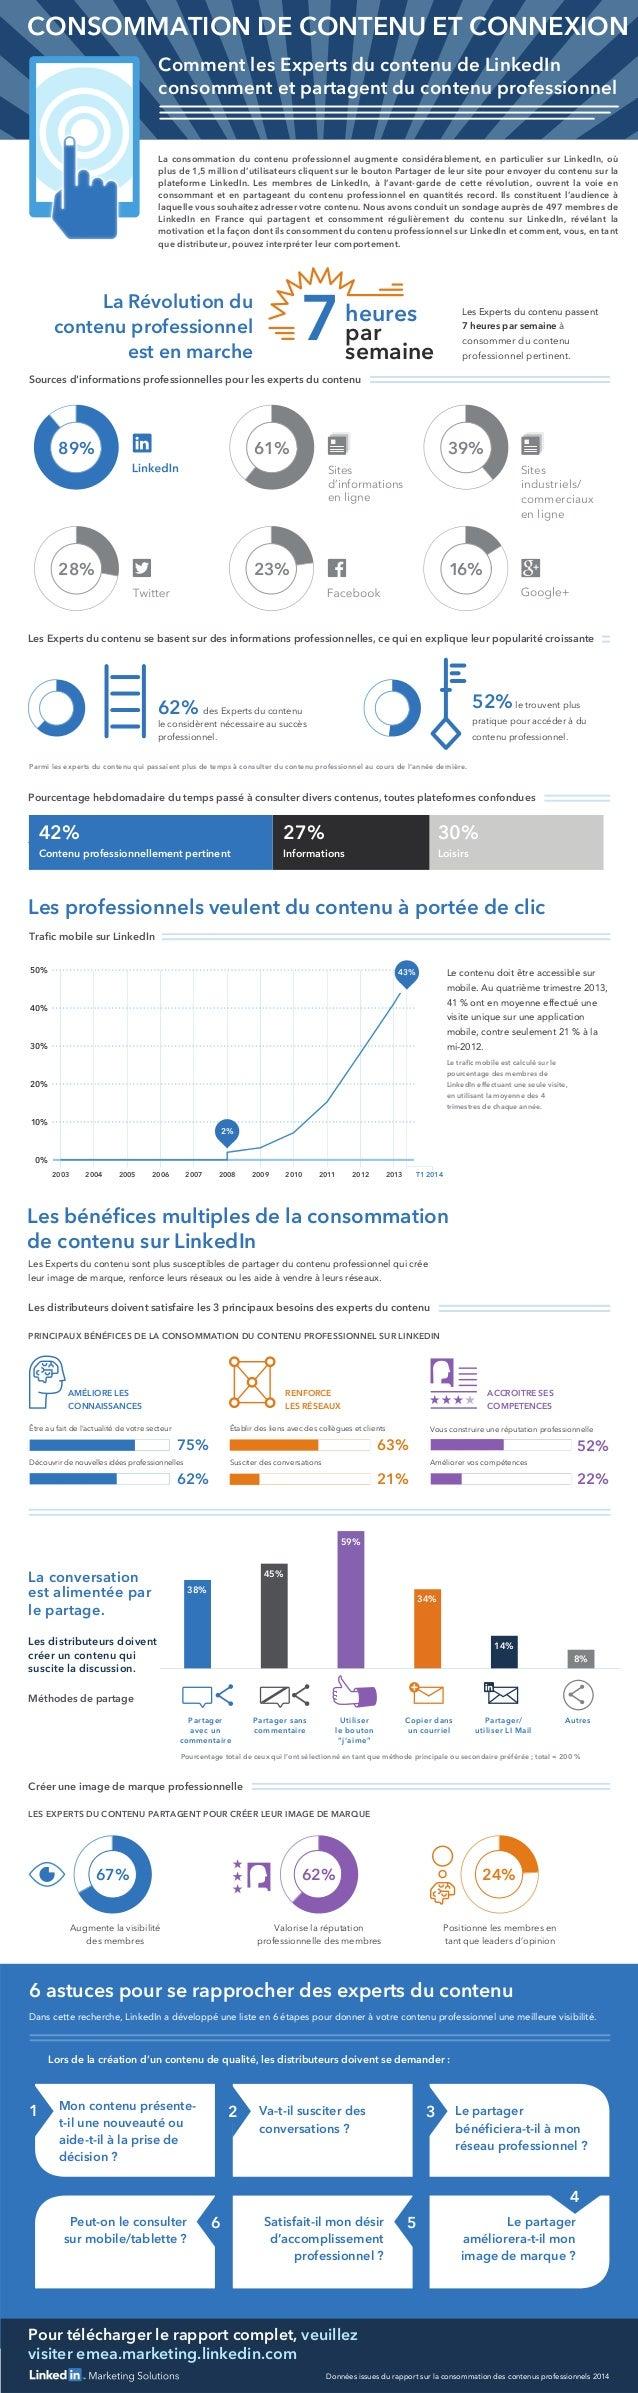 Pour télécharger le rapport complet, veuillez visiter emea.marketing.linkedin.com 62% des Experts du contenu le considèren...